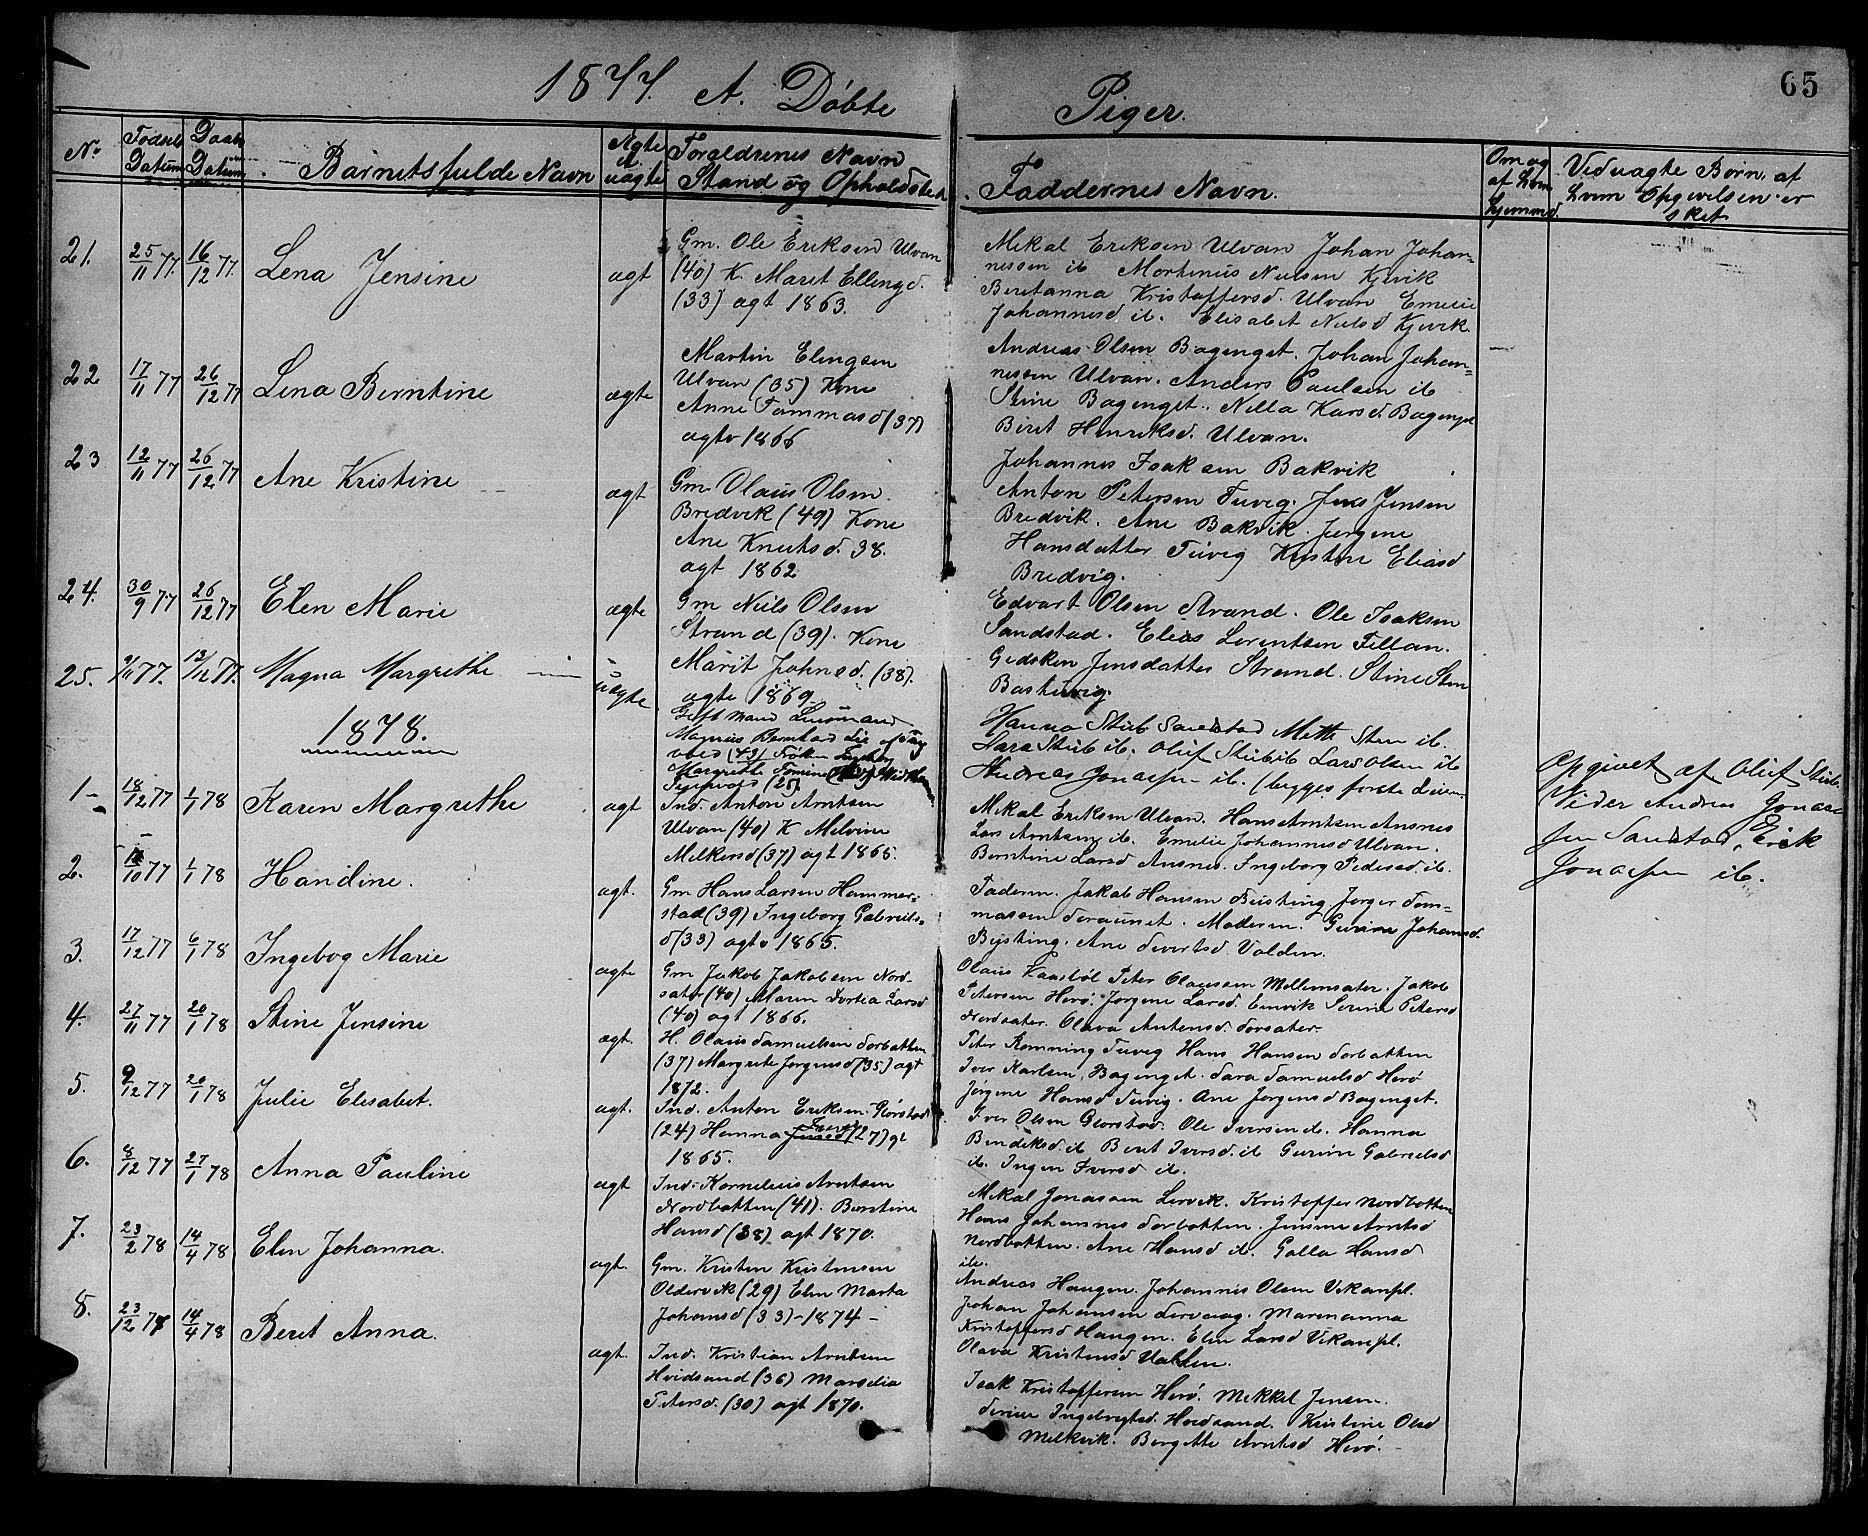 SAT, Ministerialprotokoller, klokkerbøker og fødselsregistre - Sør-Trøndelag, 637/L0561: Klokkerbok nr. 637C02, 1873-1882, s. 65